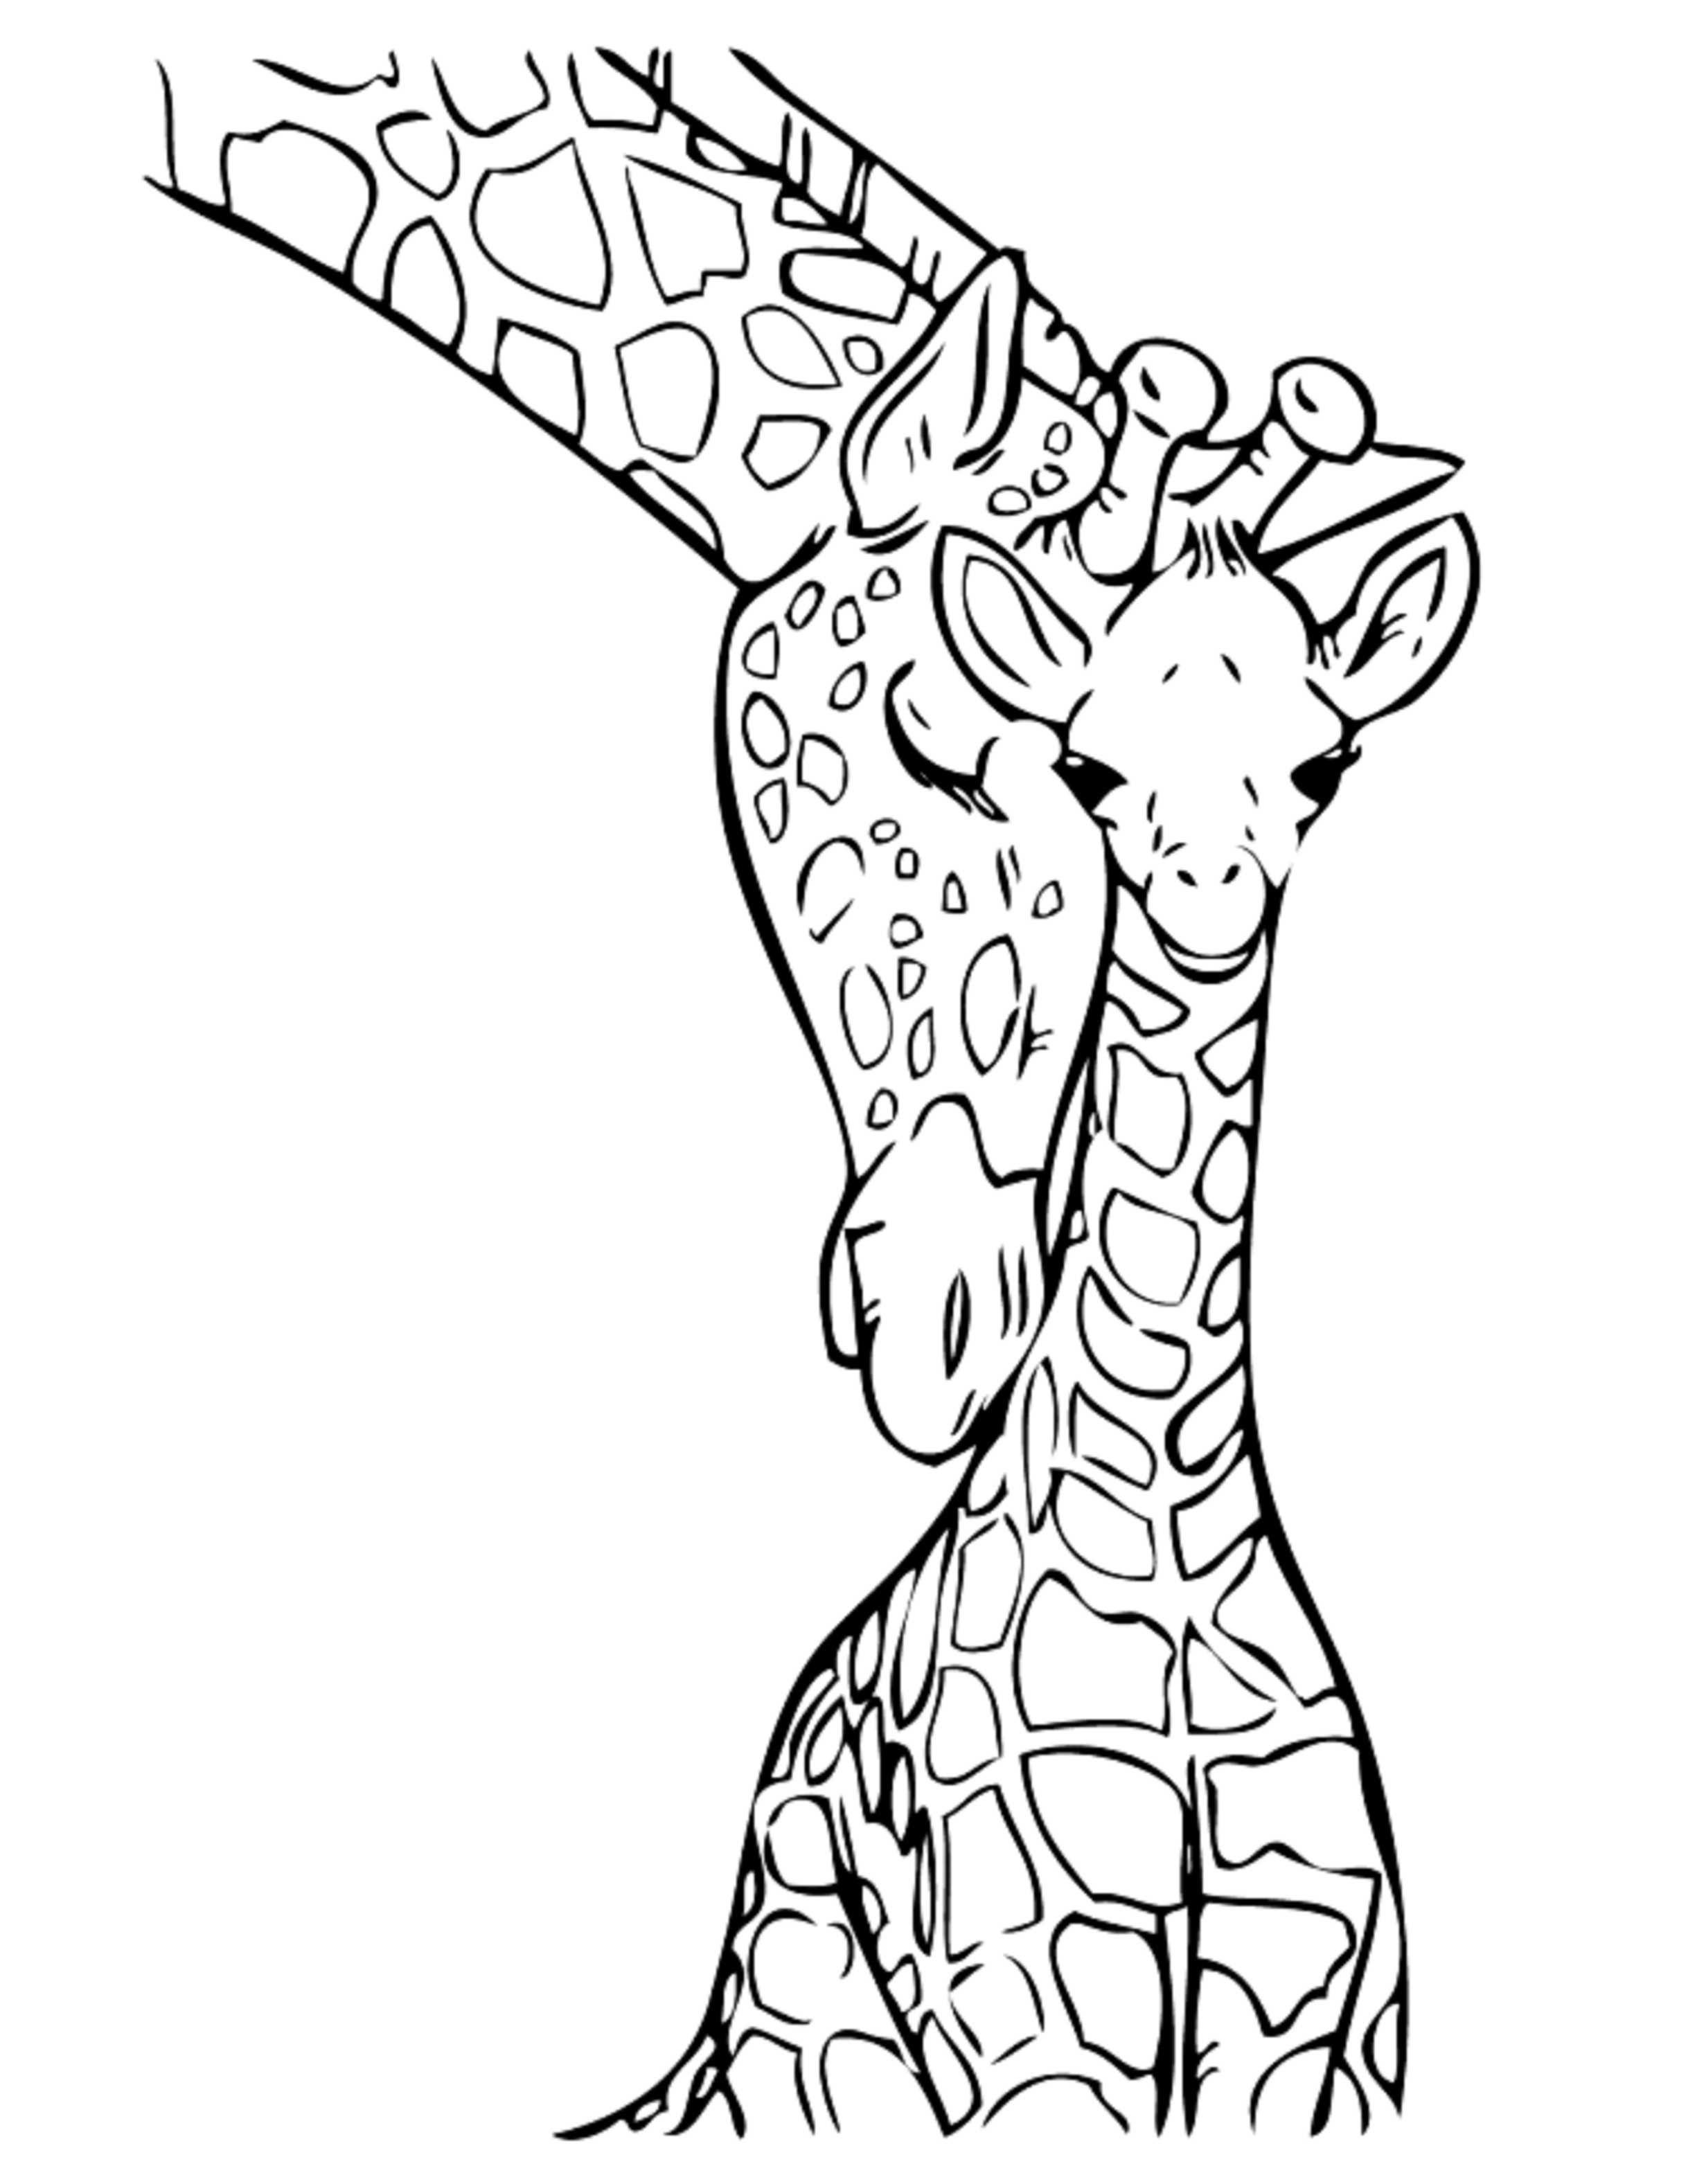 2437x3154 Giraffe Coloring Pages Giraffe Coloring Pages Printable